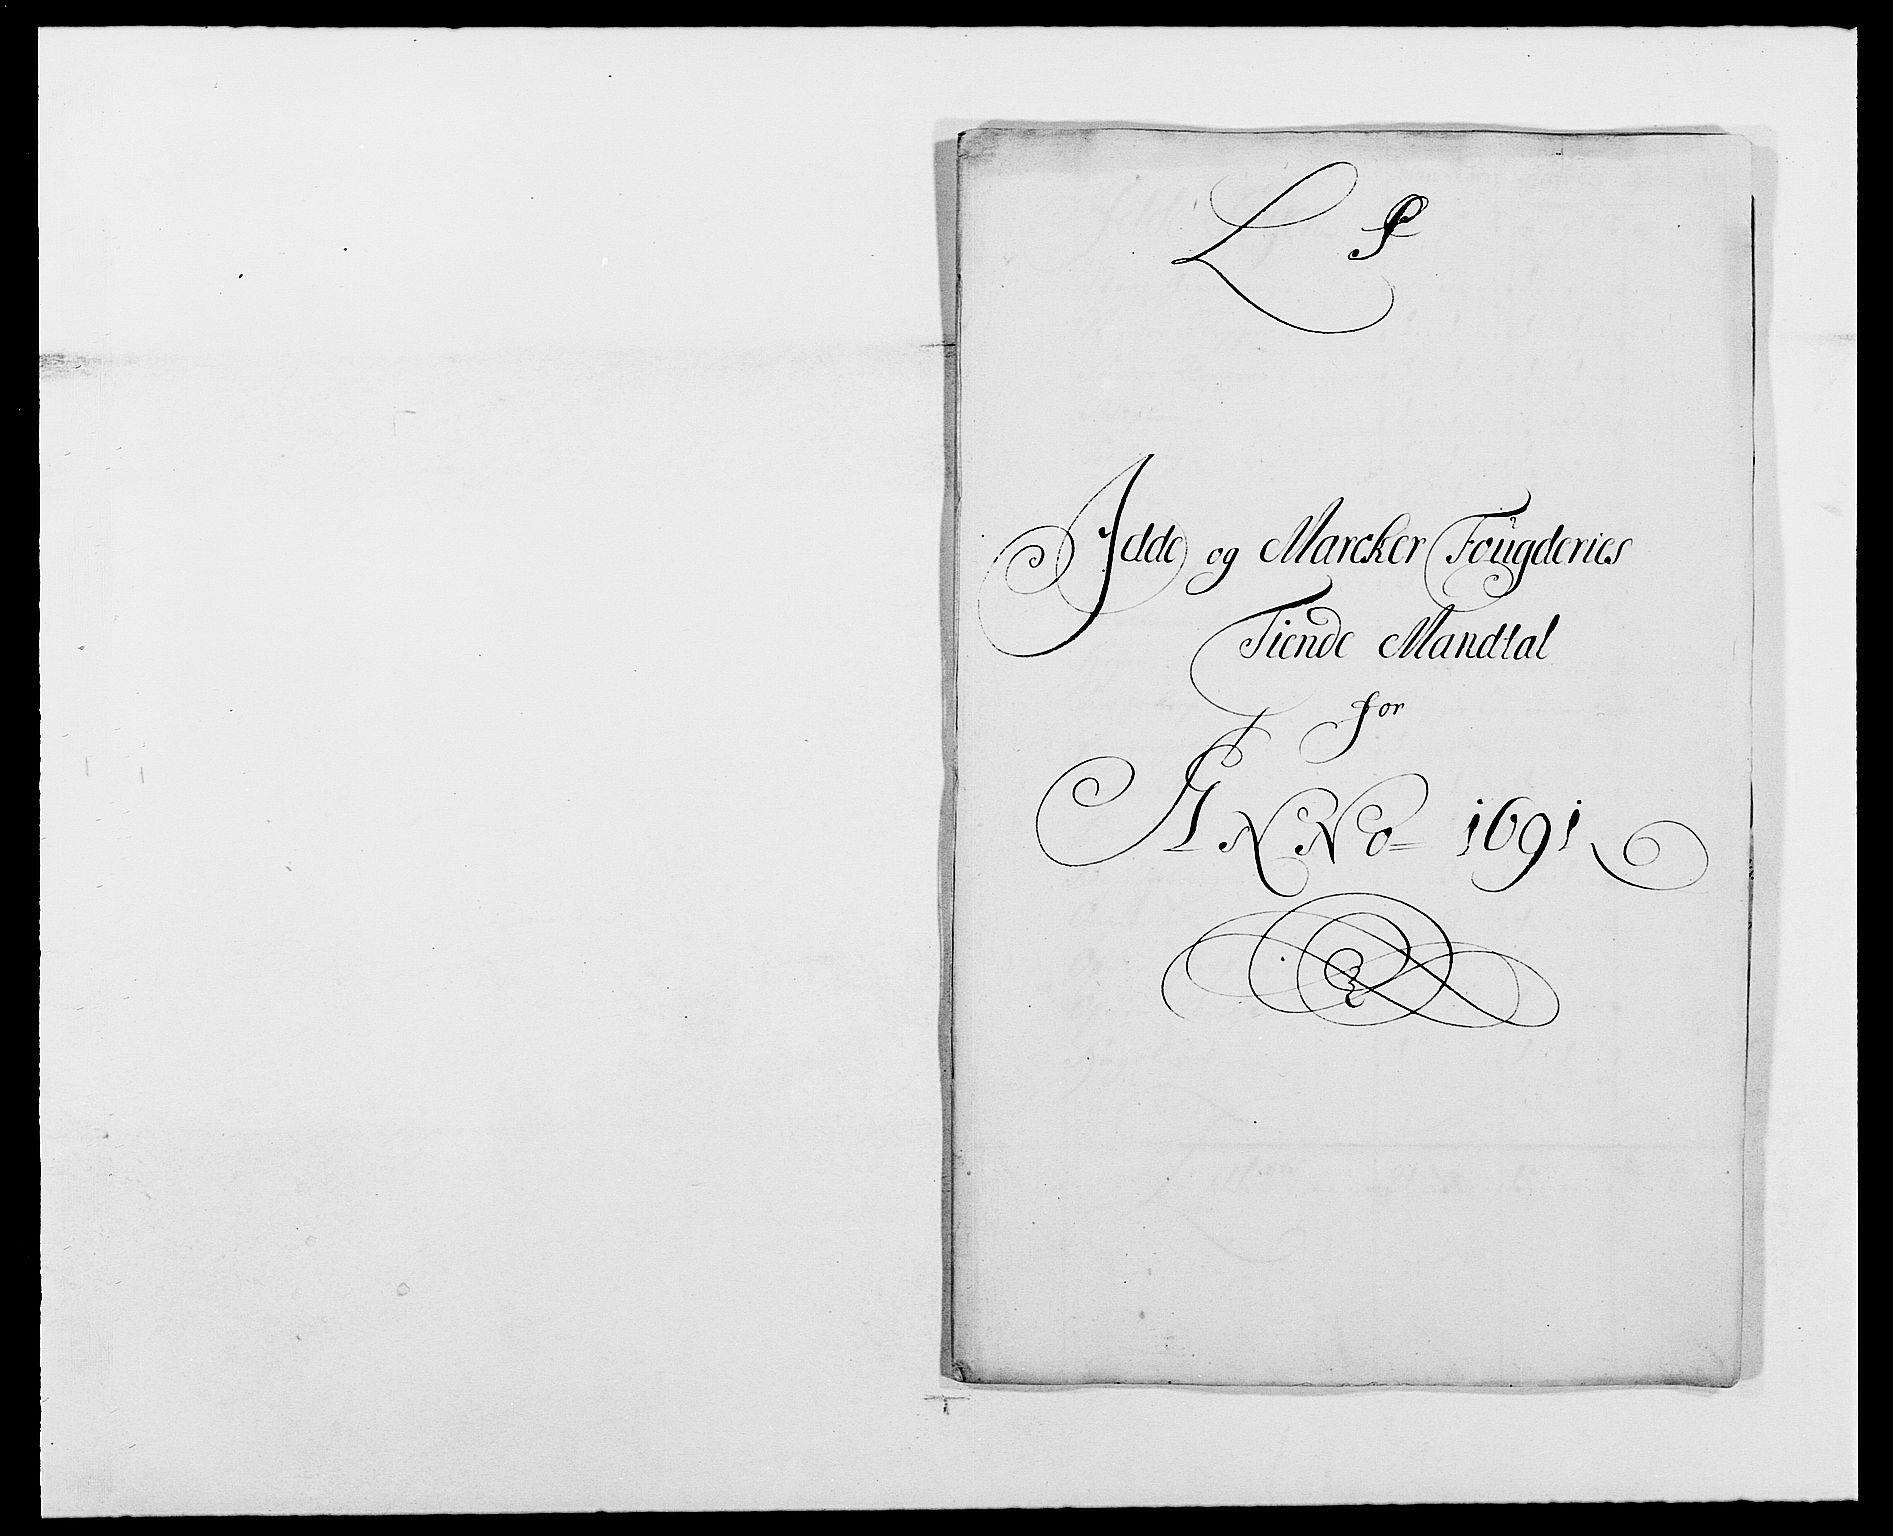 RA, Rentekammeret inntil 1814, Reviderte regnskaper, Fogderegnskap, R01/L0010: Fogderegnskap Idd og Marker, 1690-1691, p. 316